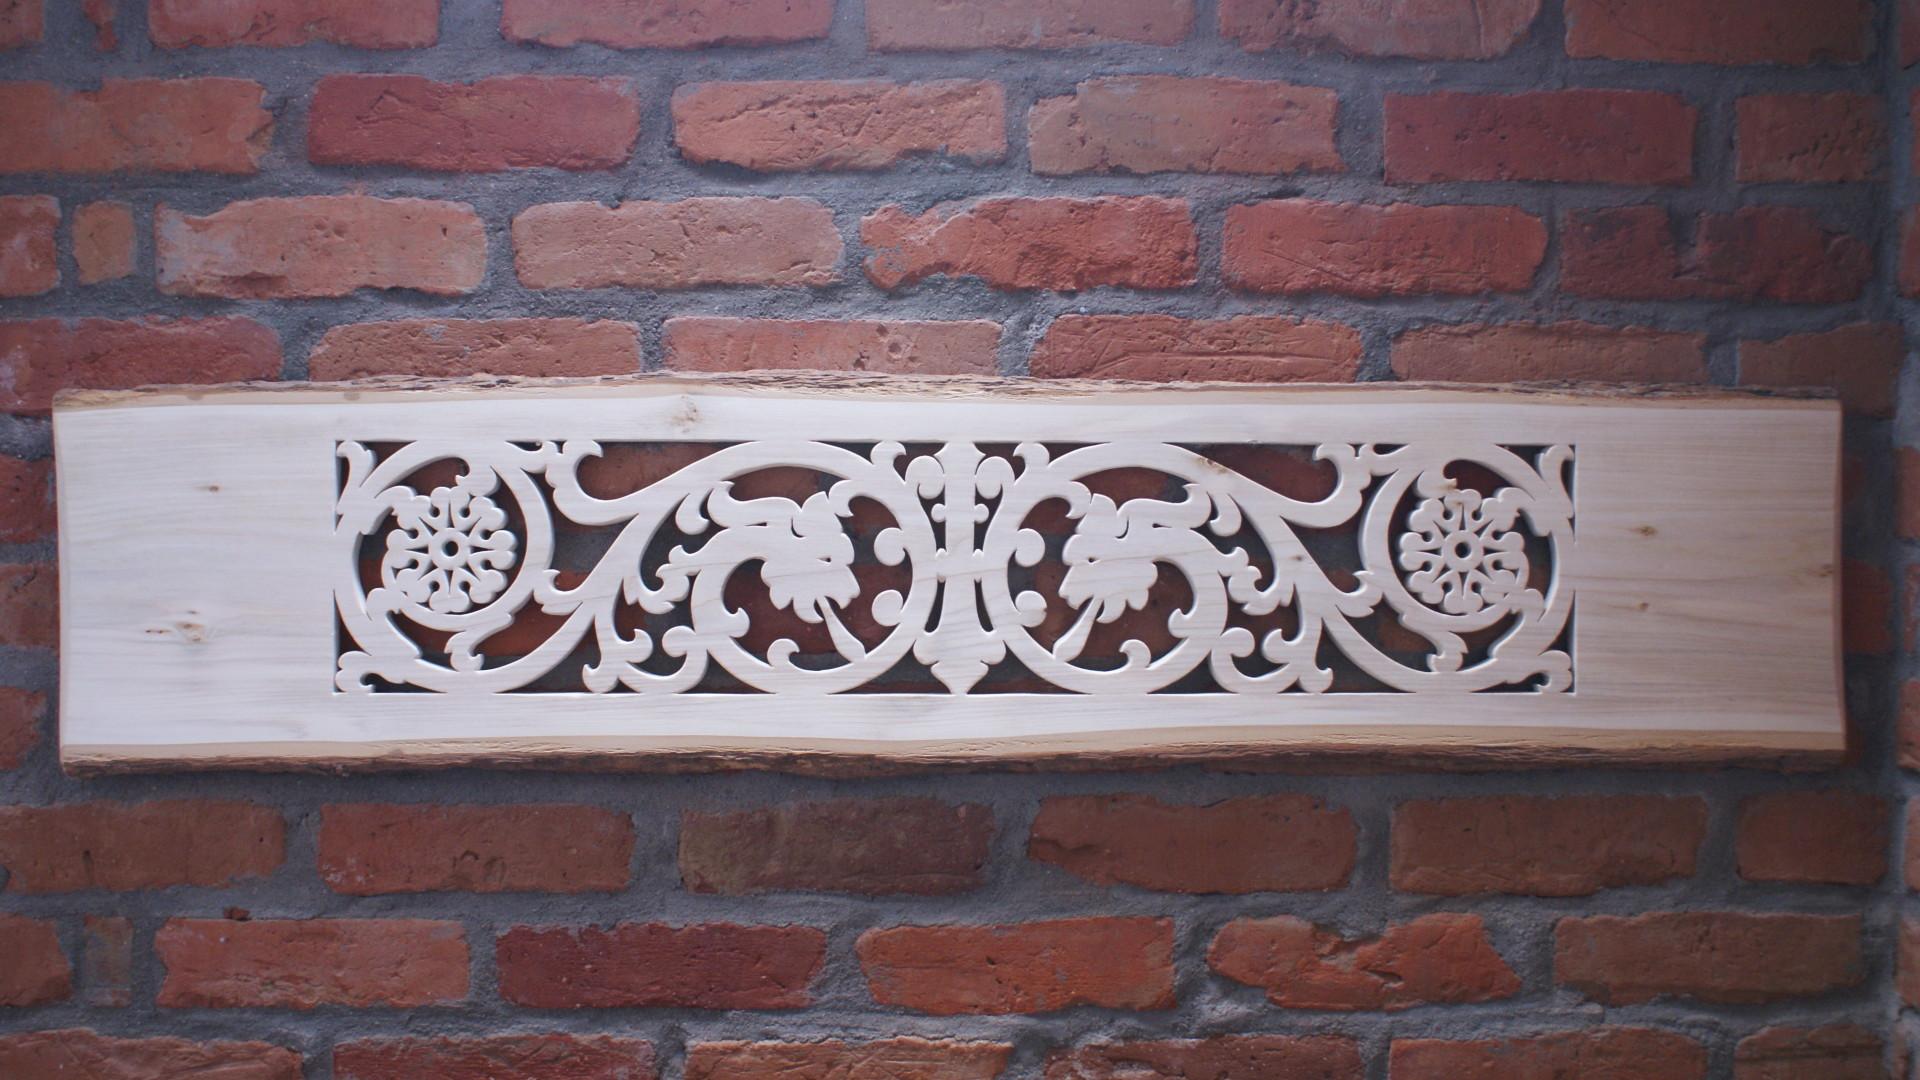 ażurowy panel lipowy  - wiktoriański motyw królewski 2